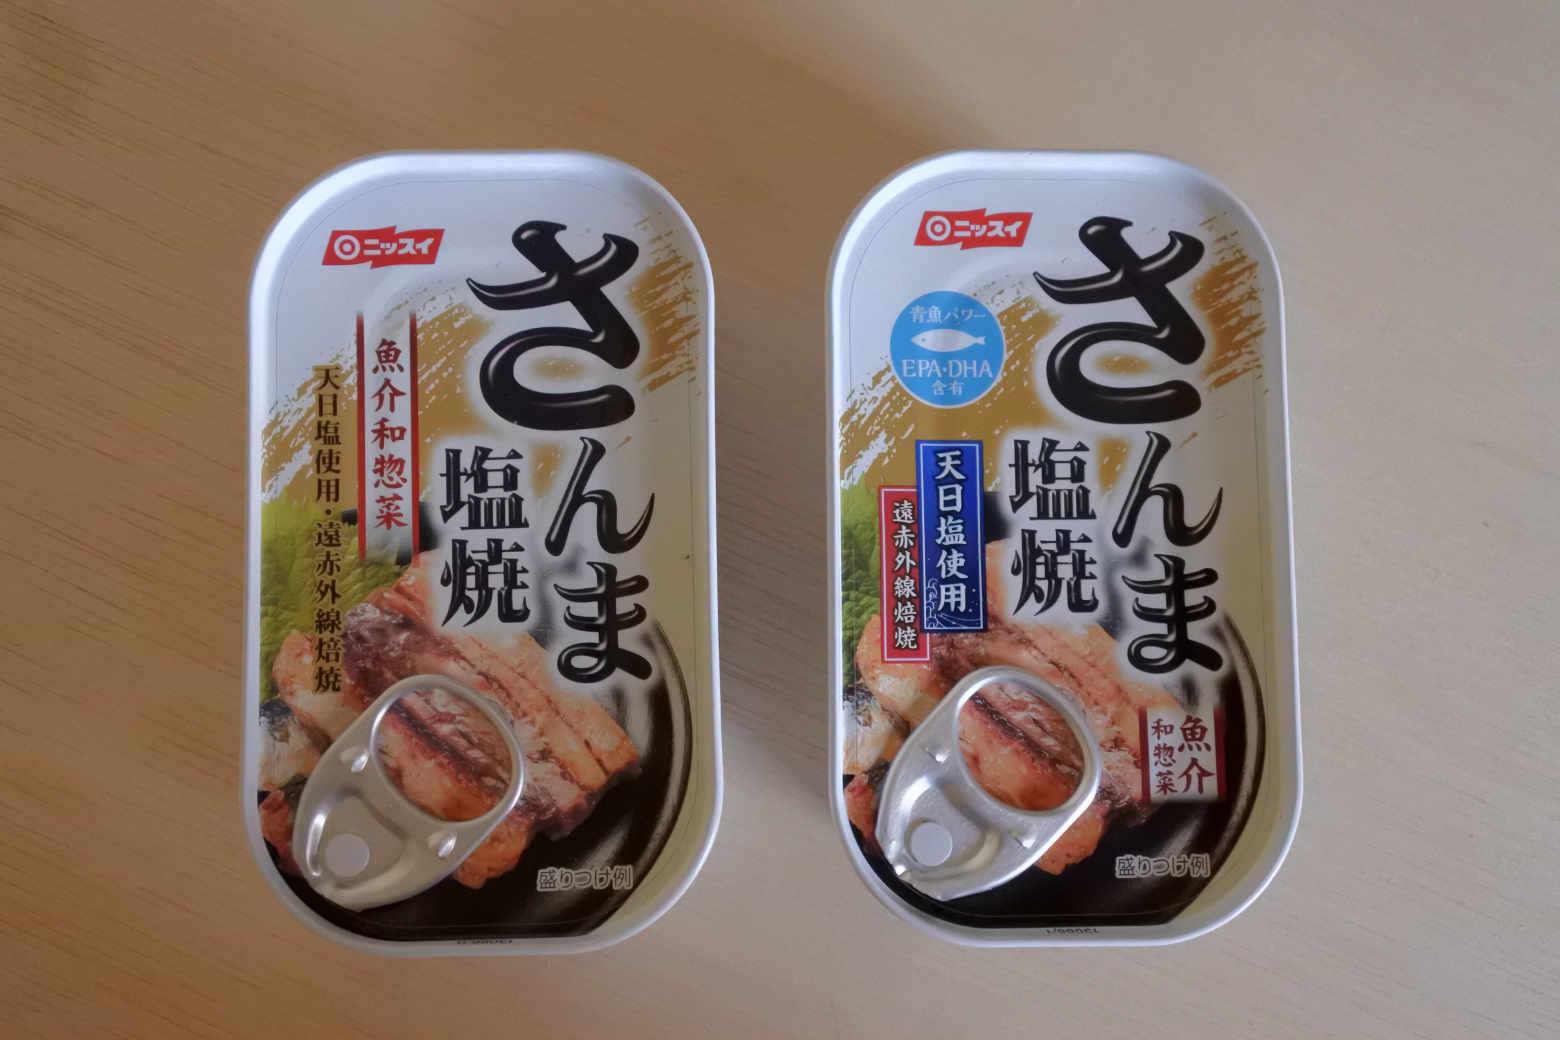 ニッスイのさんま塩焼きで1年ぶりのさんまを堪能【缶詰】